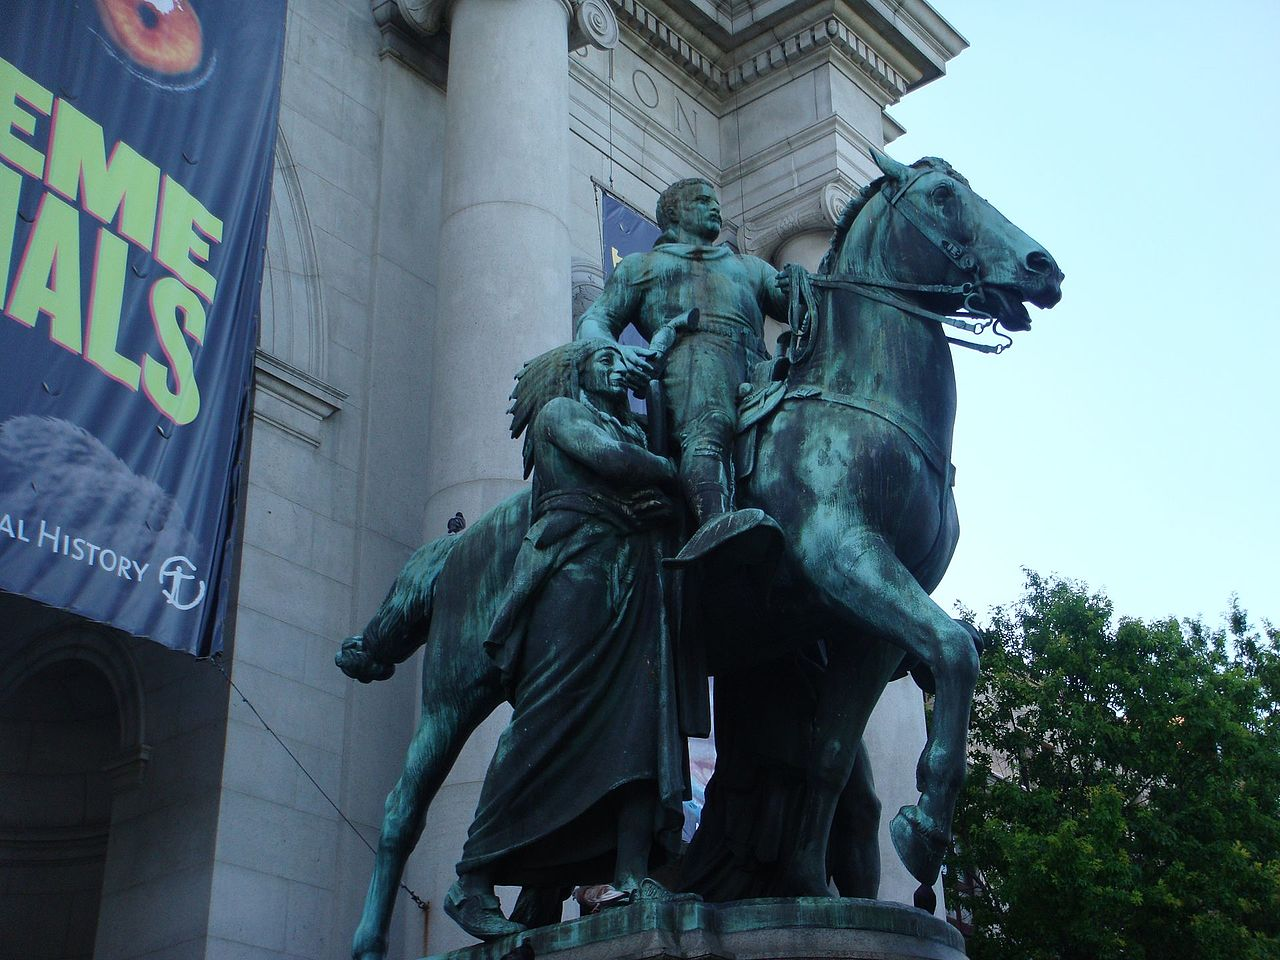 New York, sarà rimosso il controverso monumento a Roosevelt davanti al museo di storia naturale